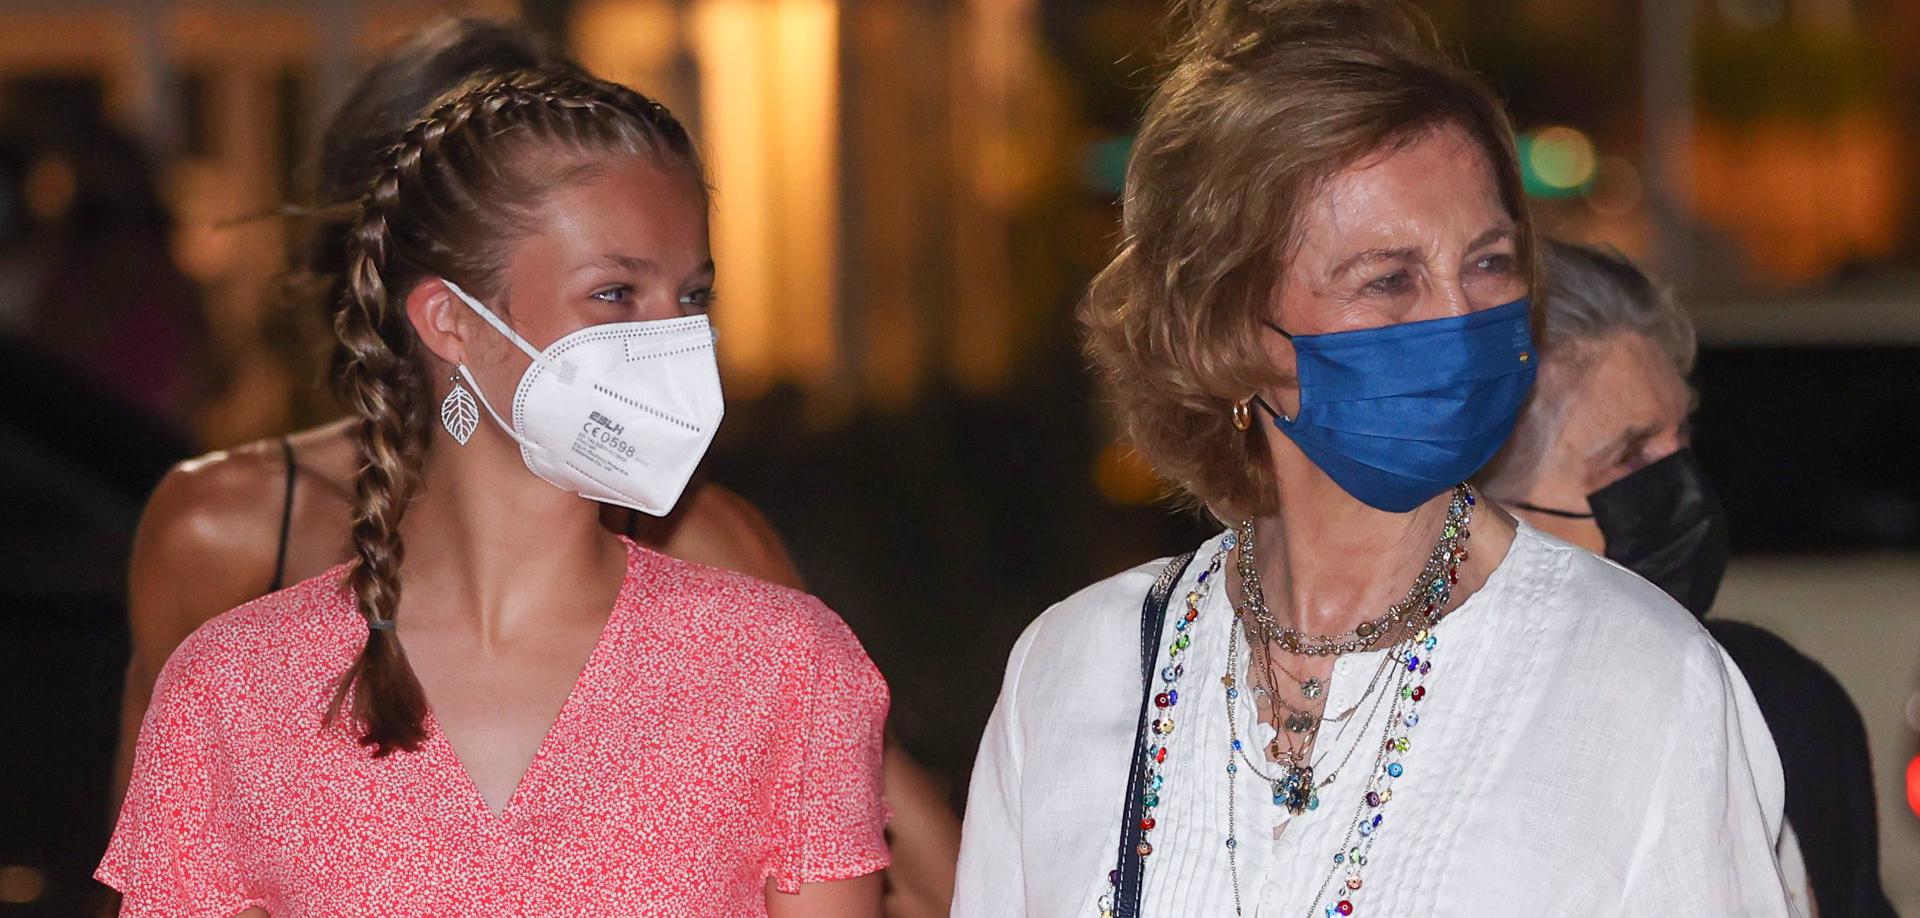 Elionor i Sofia, agafades de la mà a Mallorca - Europa Press